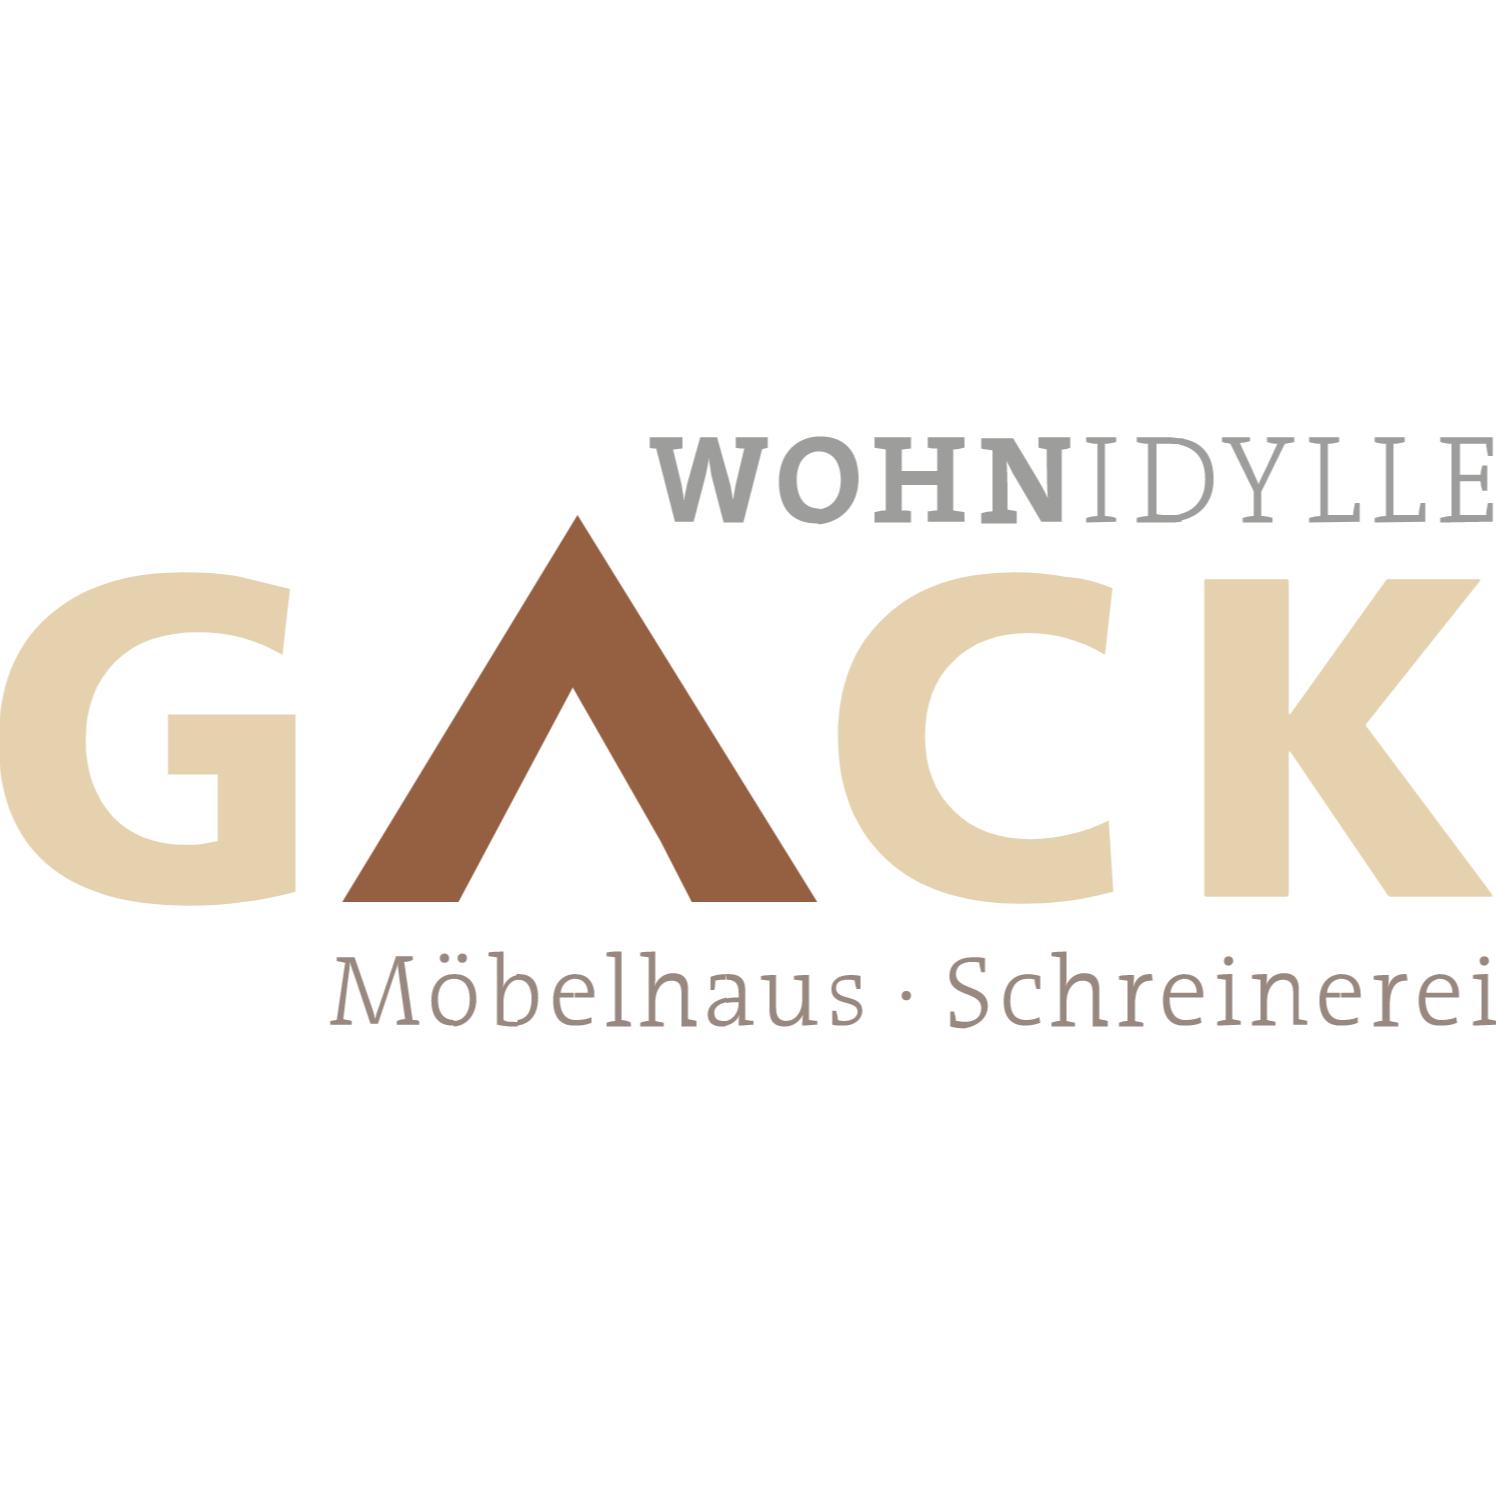 Bild zu Wohn Idylle Gack e.K. in Herrenberg